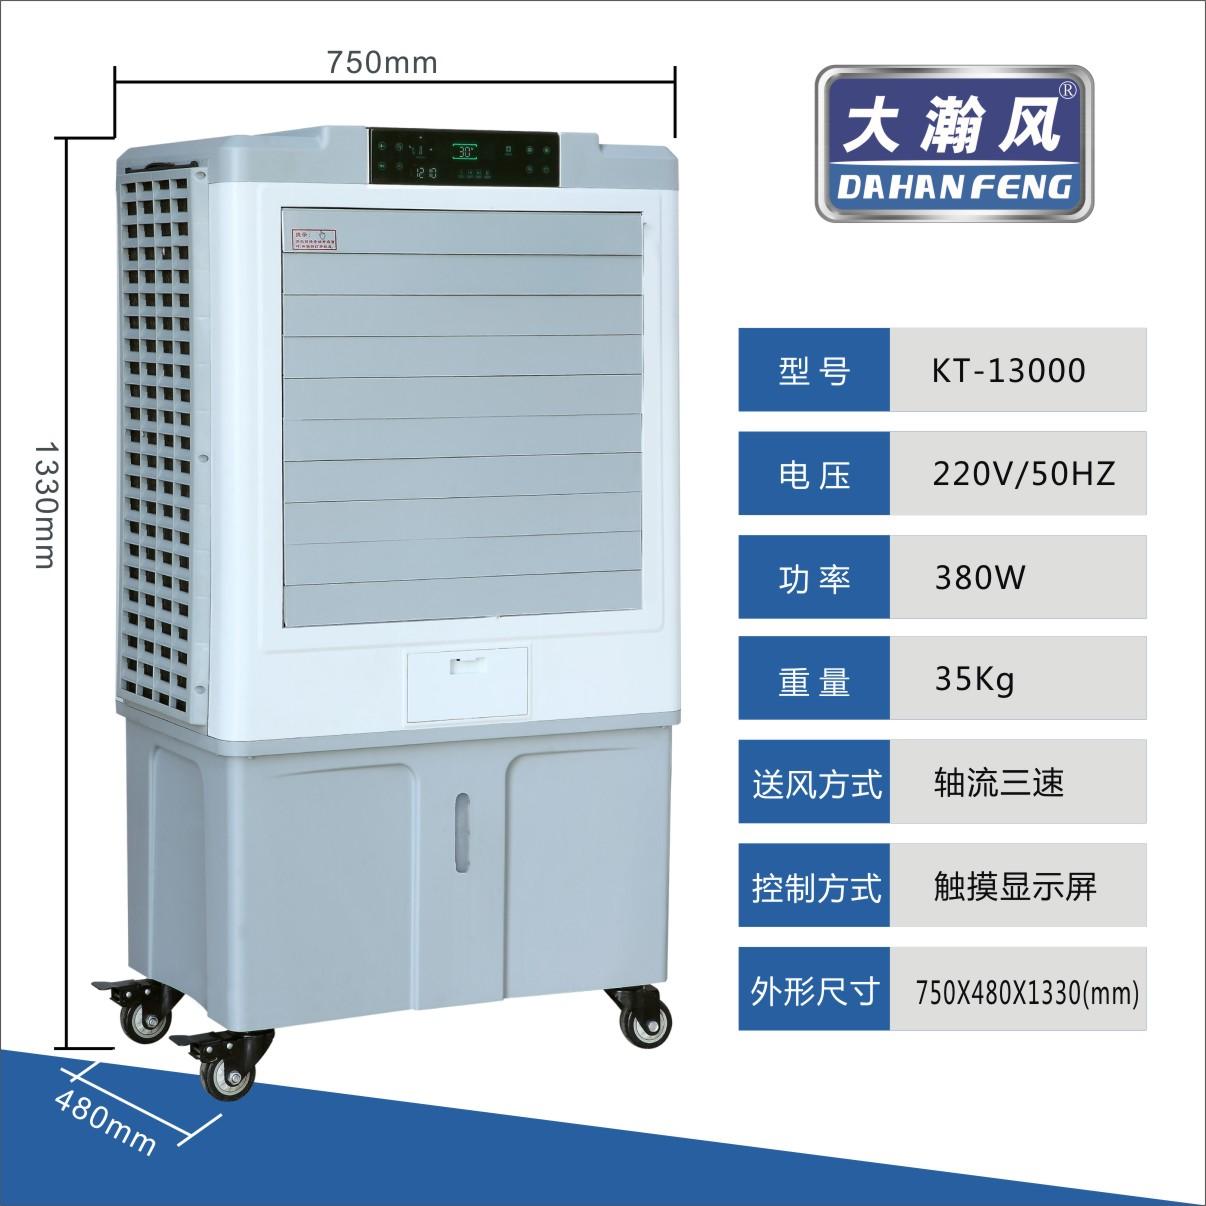 13000-移动空调扇